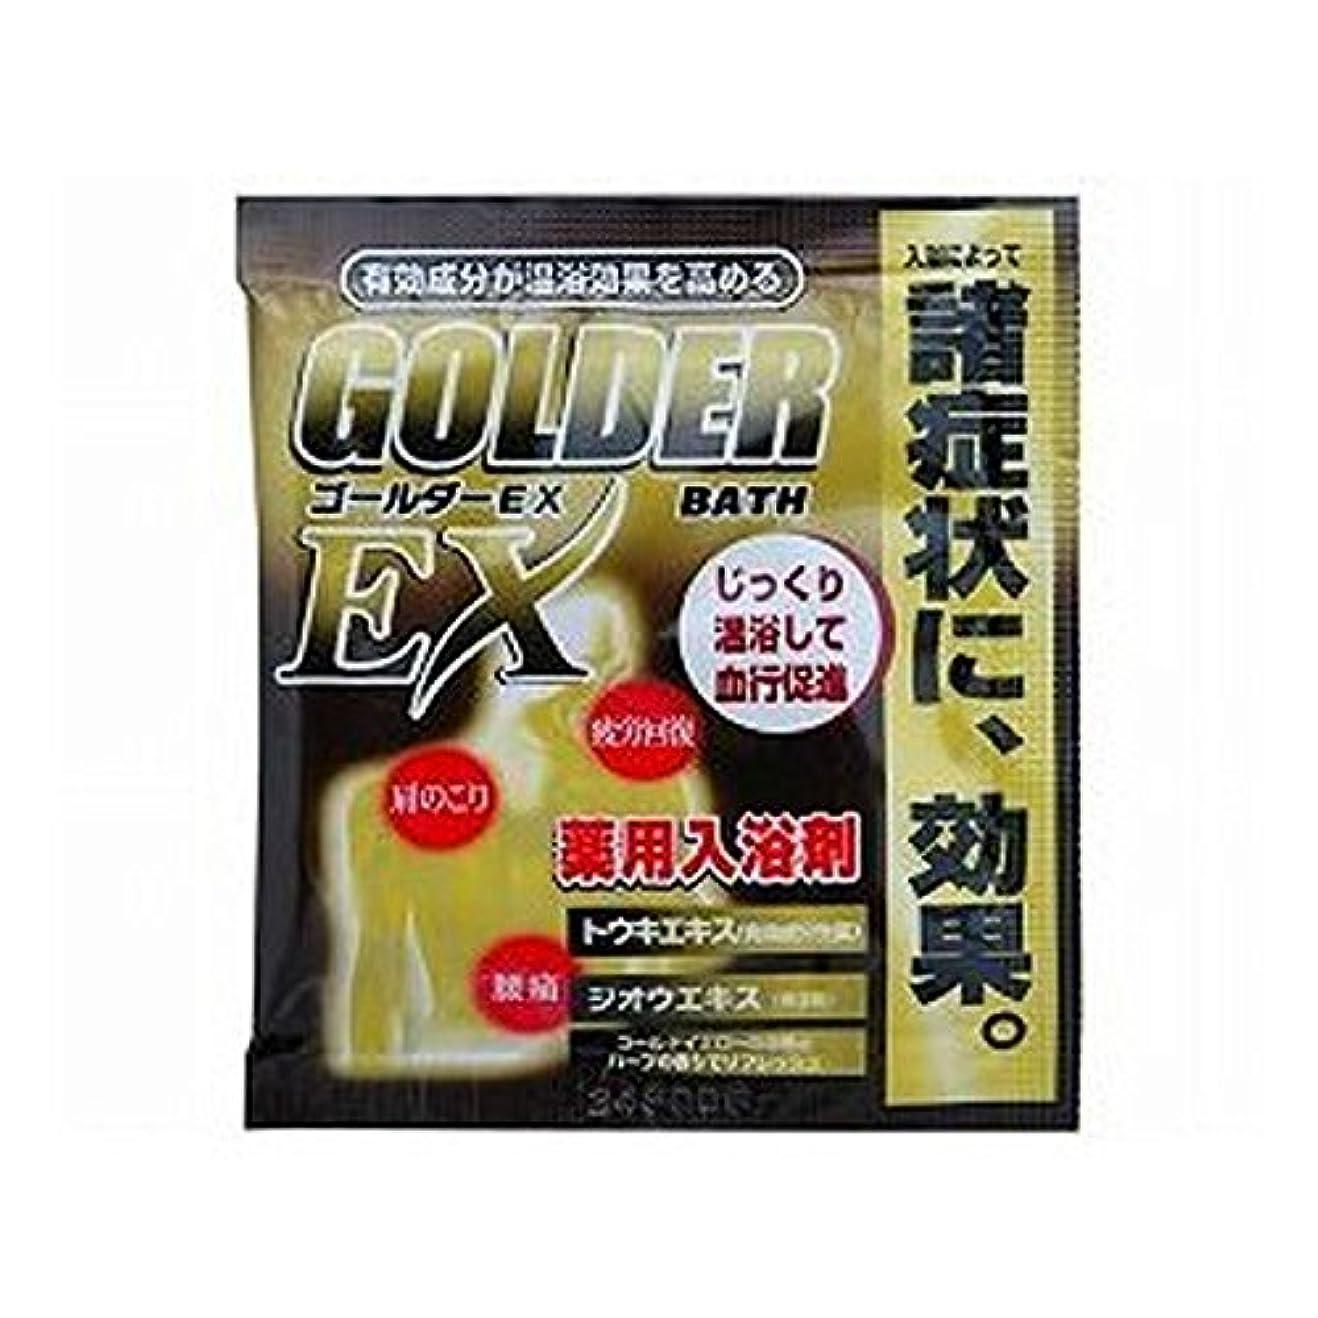 ペスト趣味ところでゴールダーEX 25g(入浴剤)